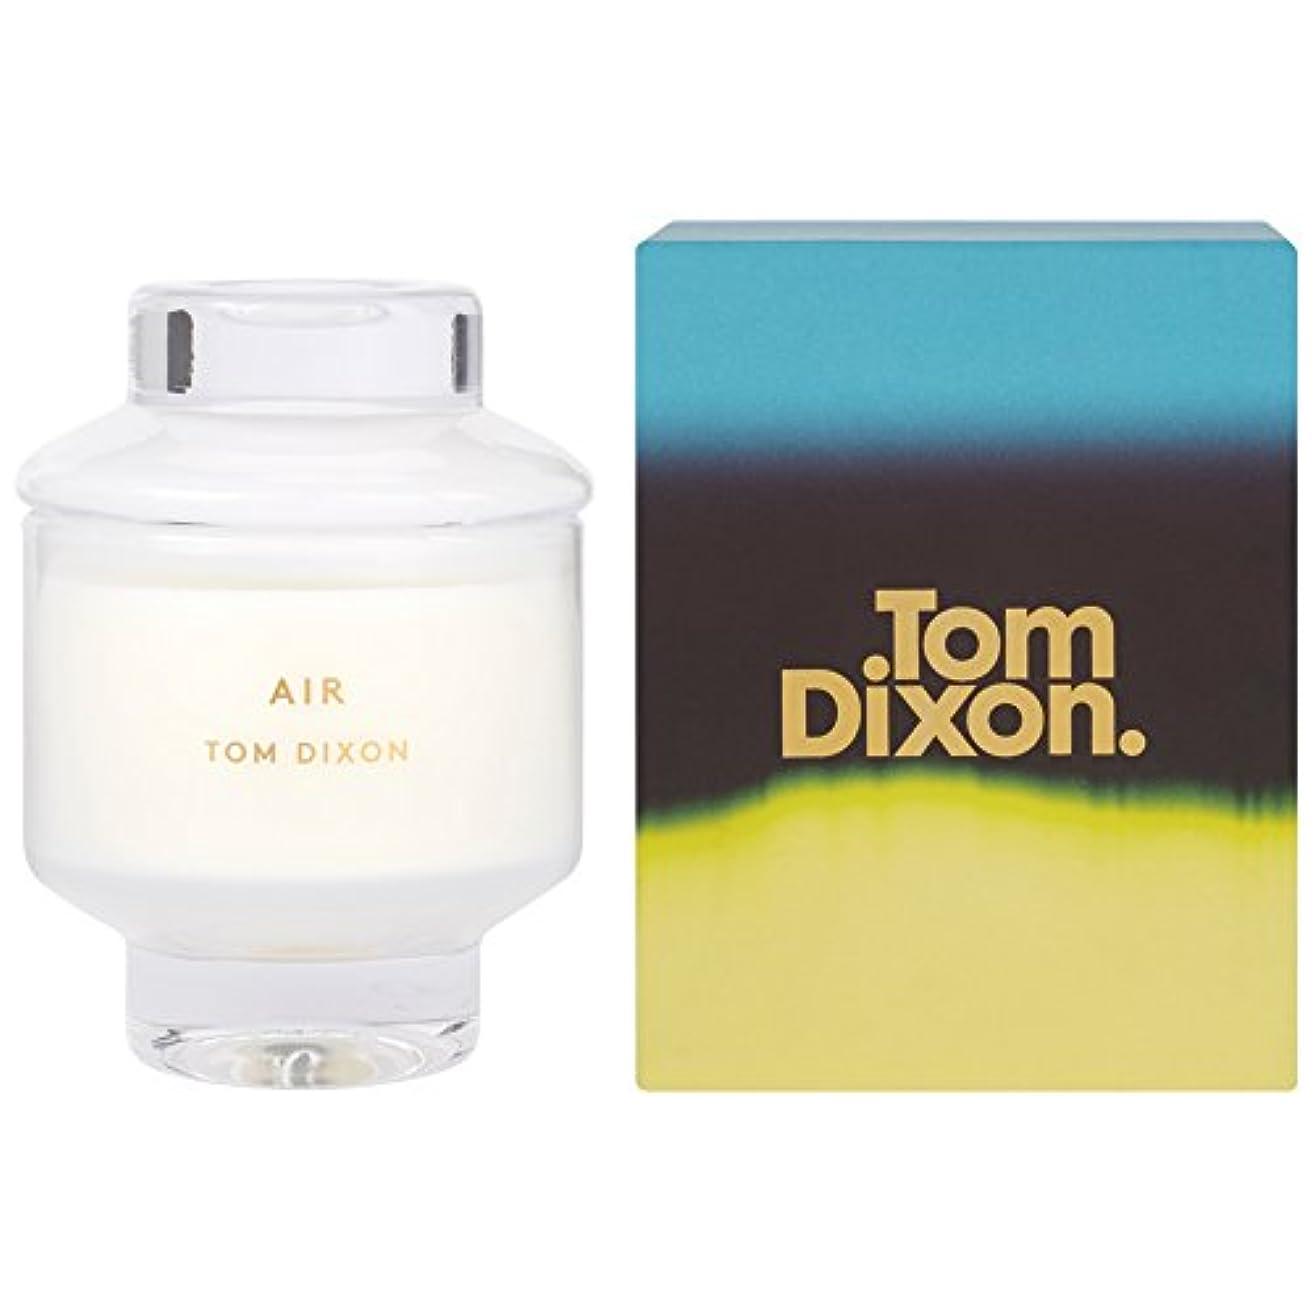 Tom Dixon Air Scented Candle Medium (Pack of 2) - トム?ディクソン空気の香りのキャンドル媒体 x2 [並行輸入品]